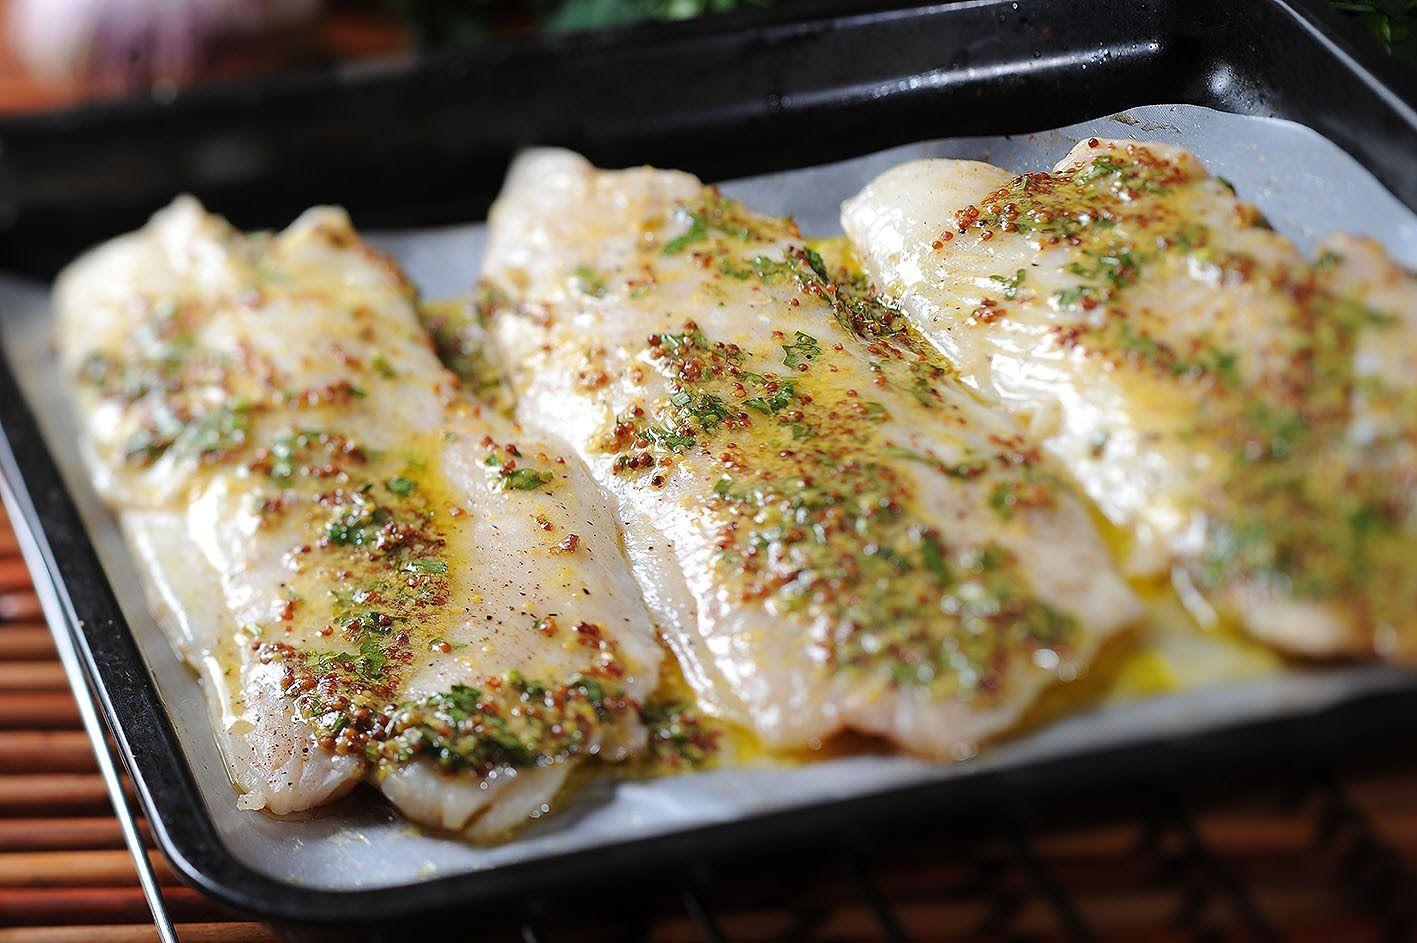 filete de pescado a la plancha con salsa de mostaza